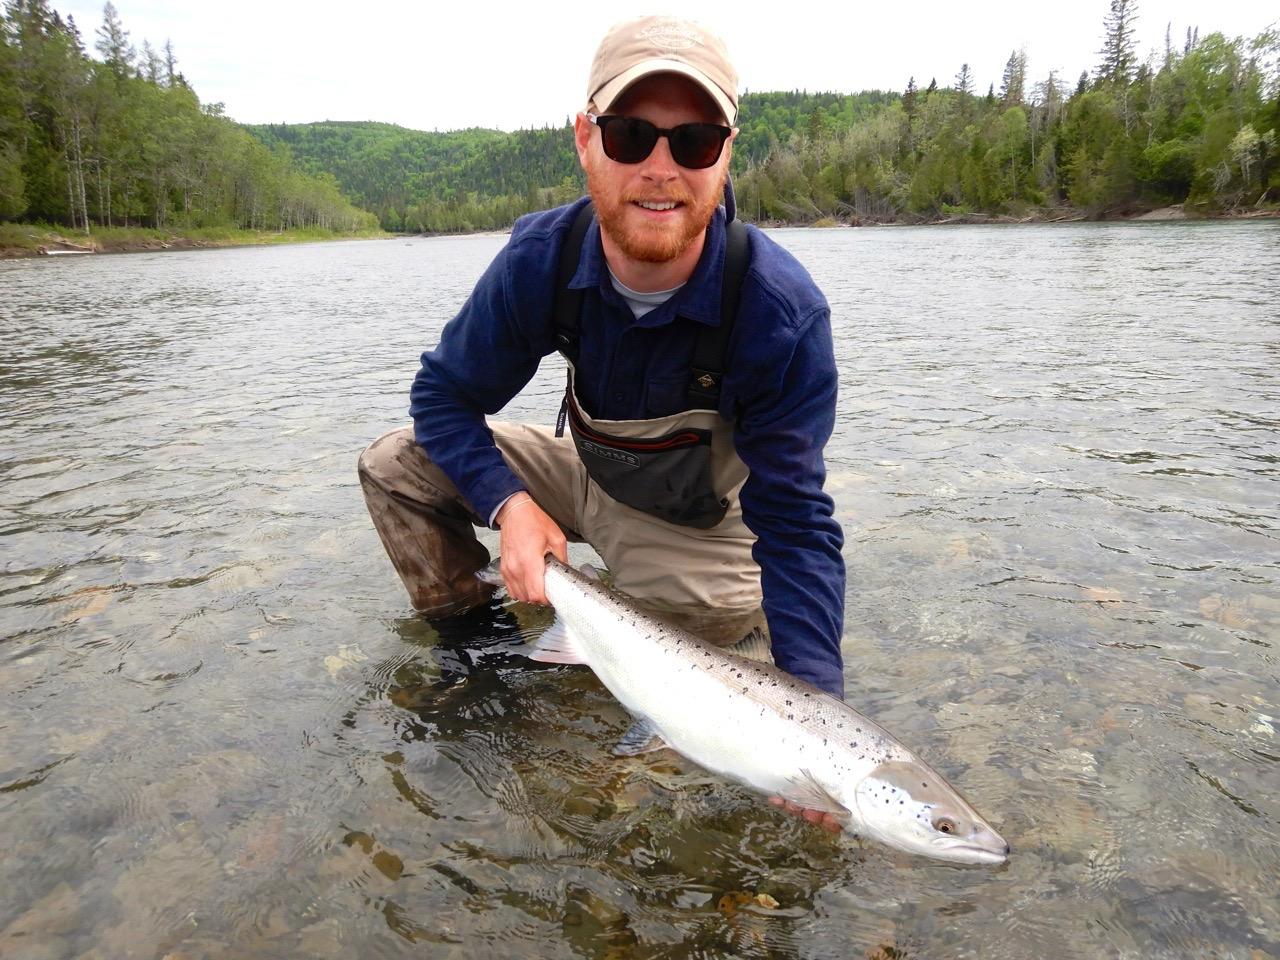 Toby Gray est fier de son premier saumon capturé de ce côté-ci de l'Atlantique. Félicitations, Toby, bien joué!